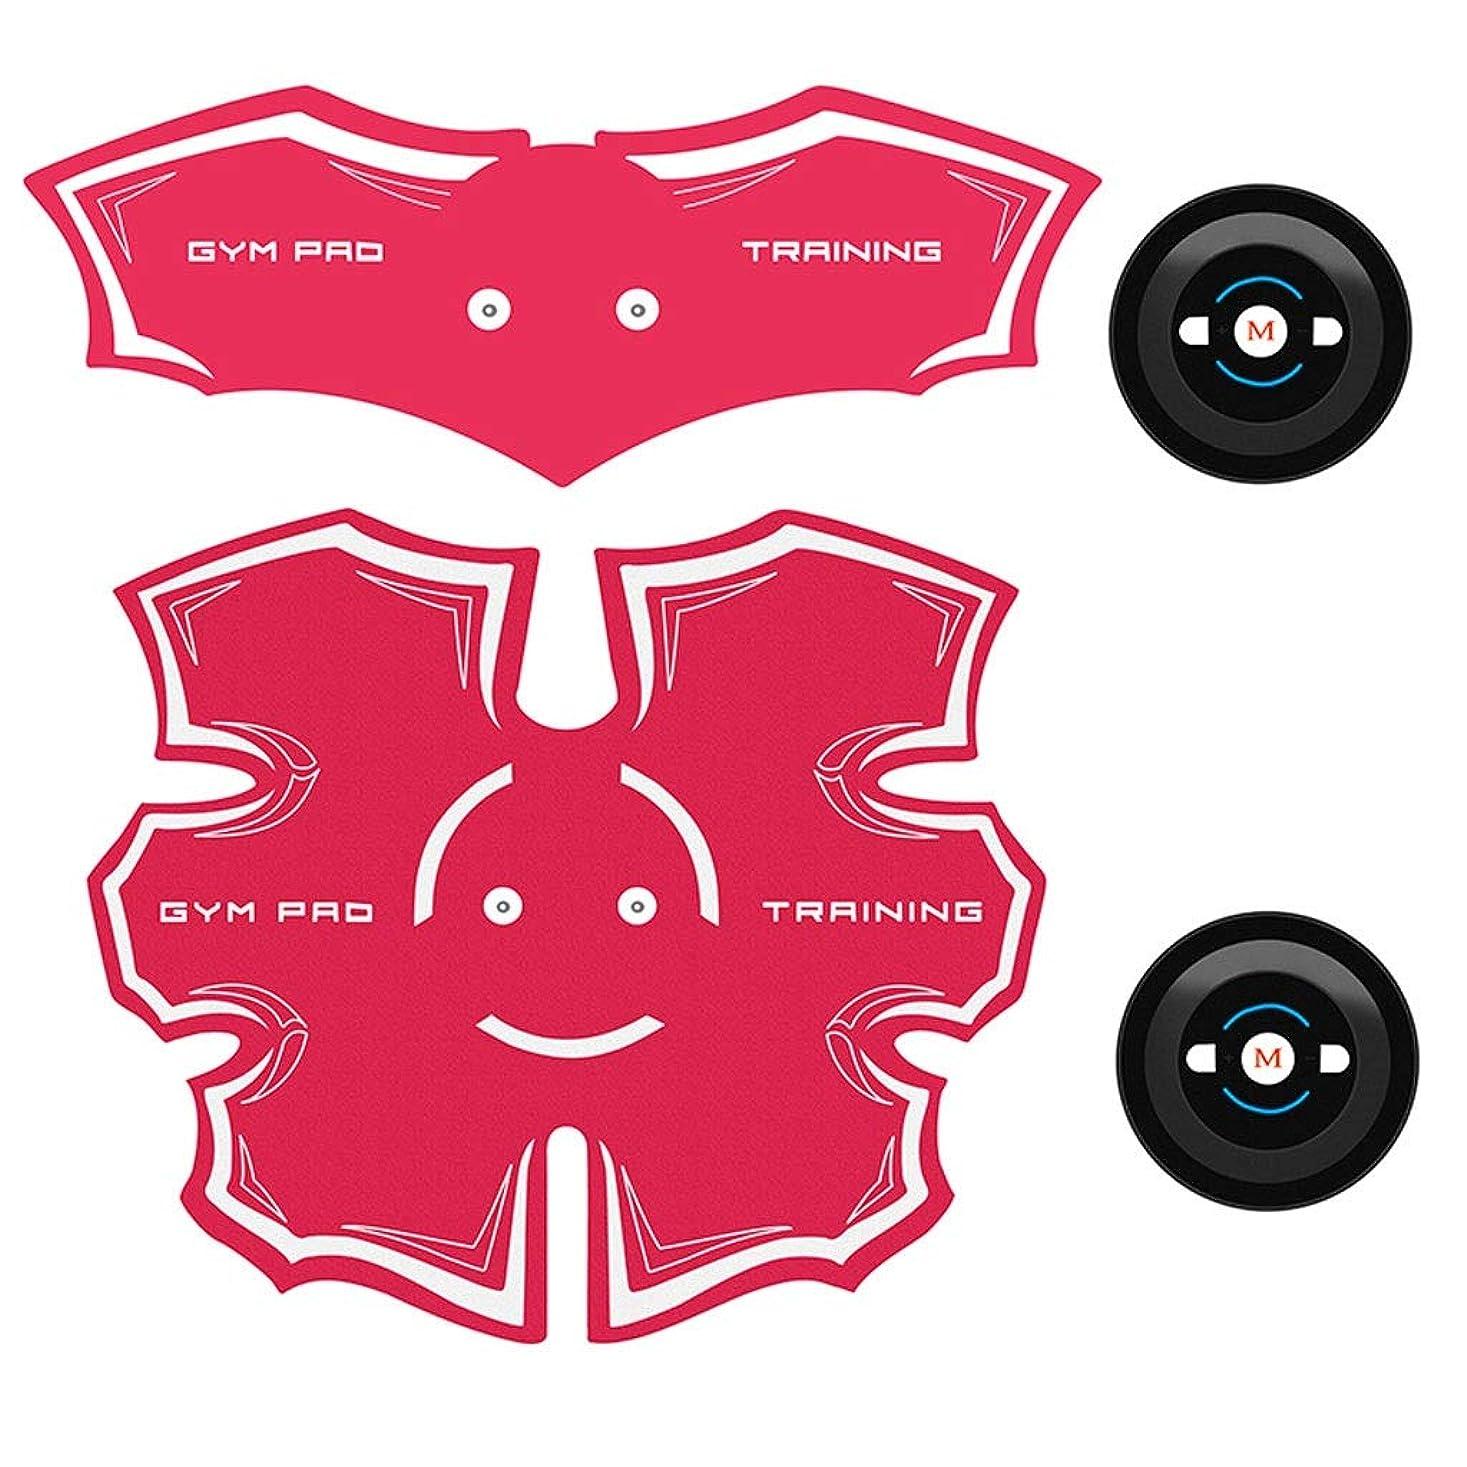 襲撃信じられない送ったABSトレーナーEMS筋肉刺激装置付き - USB充電式究極腹部刺激装置付きリズム&ソフトインパルス - ポータブル筋肉トナーで簡単な操作 (Color : Pink, Size : D)